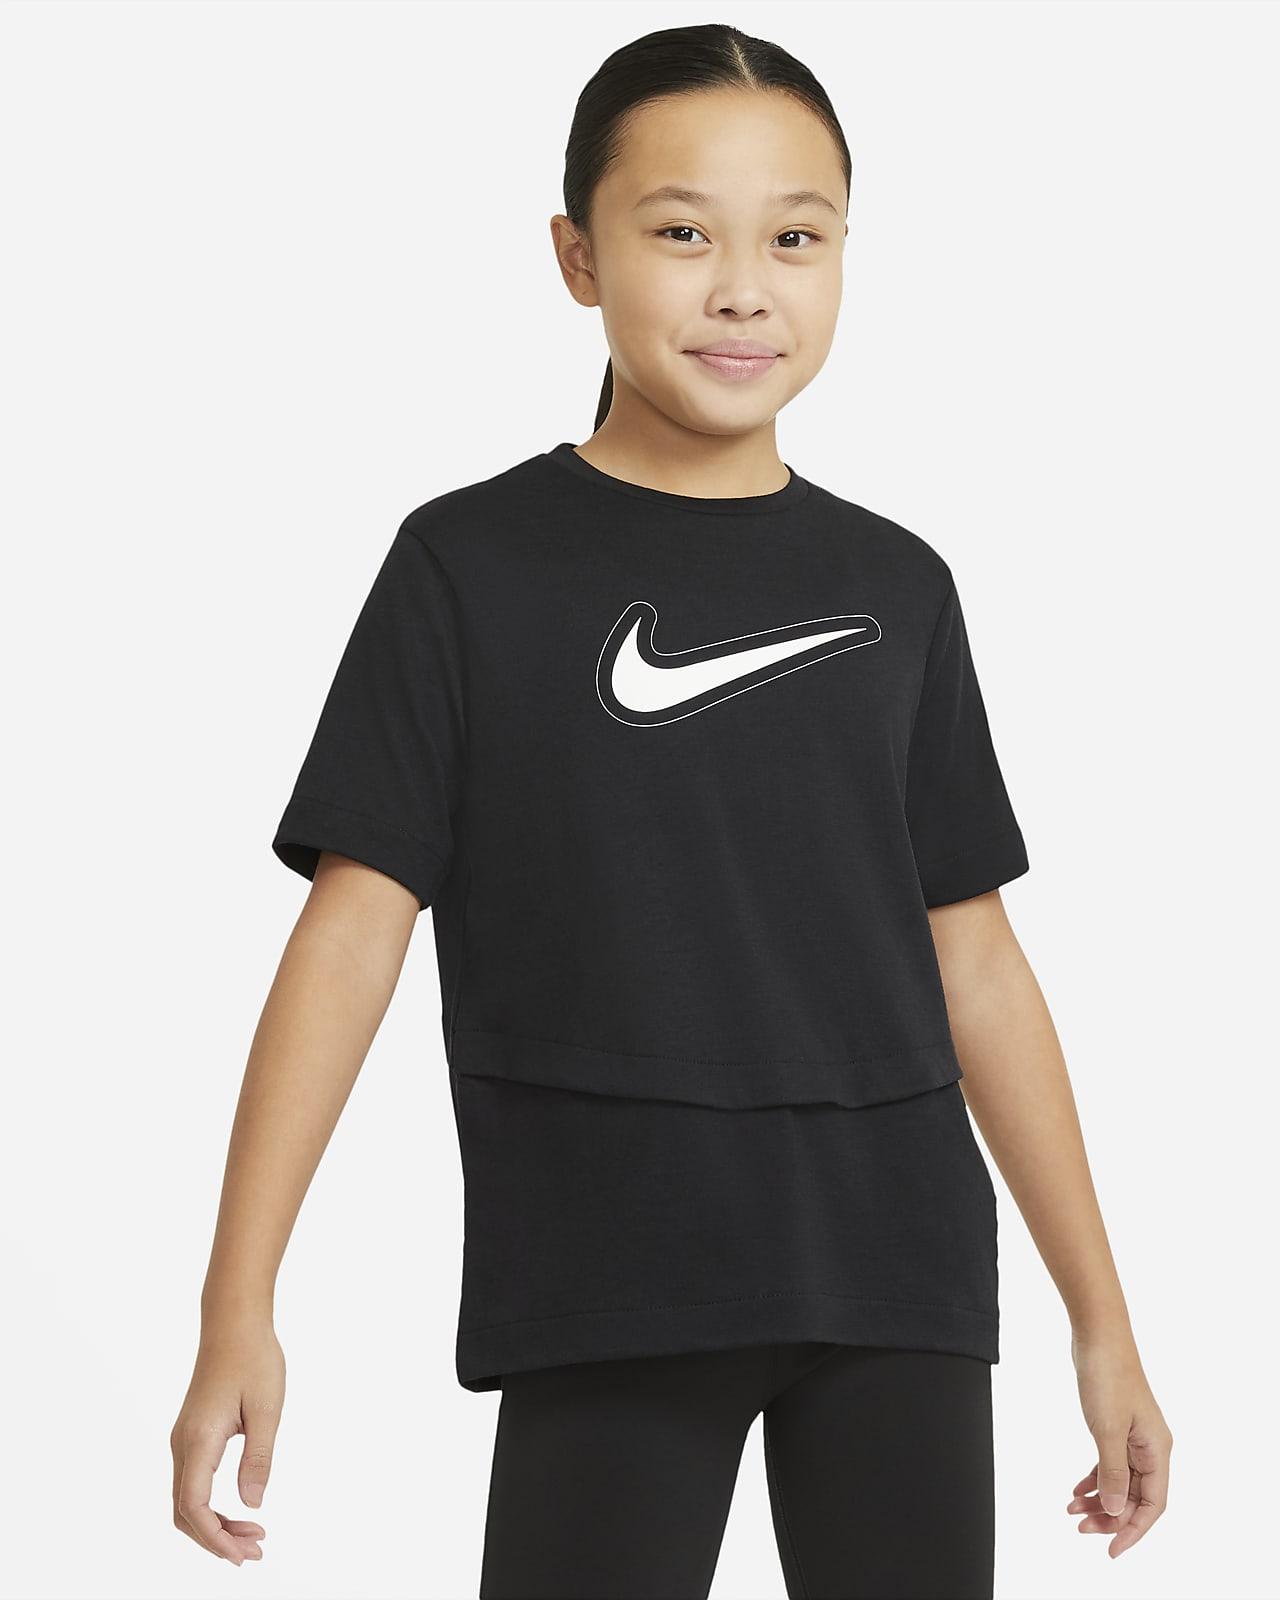 Футболка для тренинга с коротким рукавом для девочек школьного возраста Nike Dri-FIT Trophy